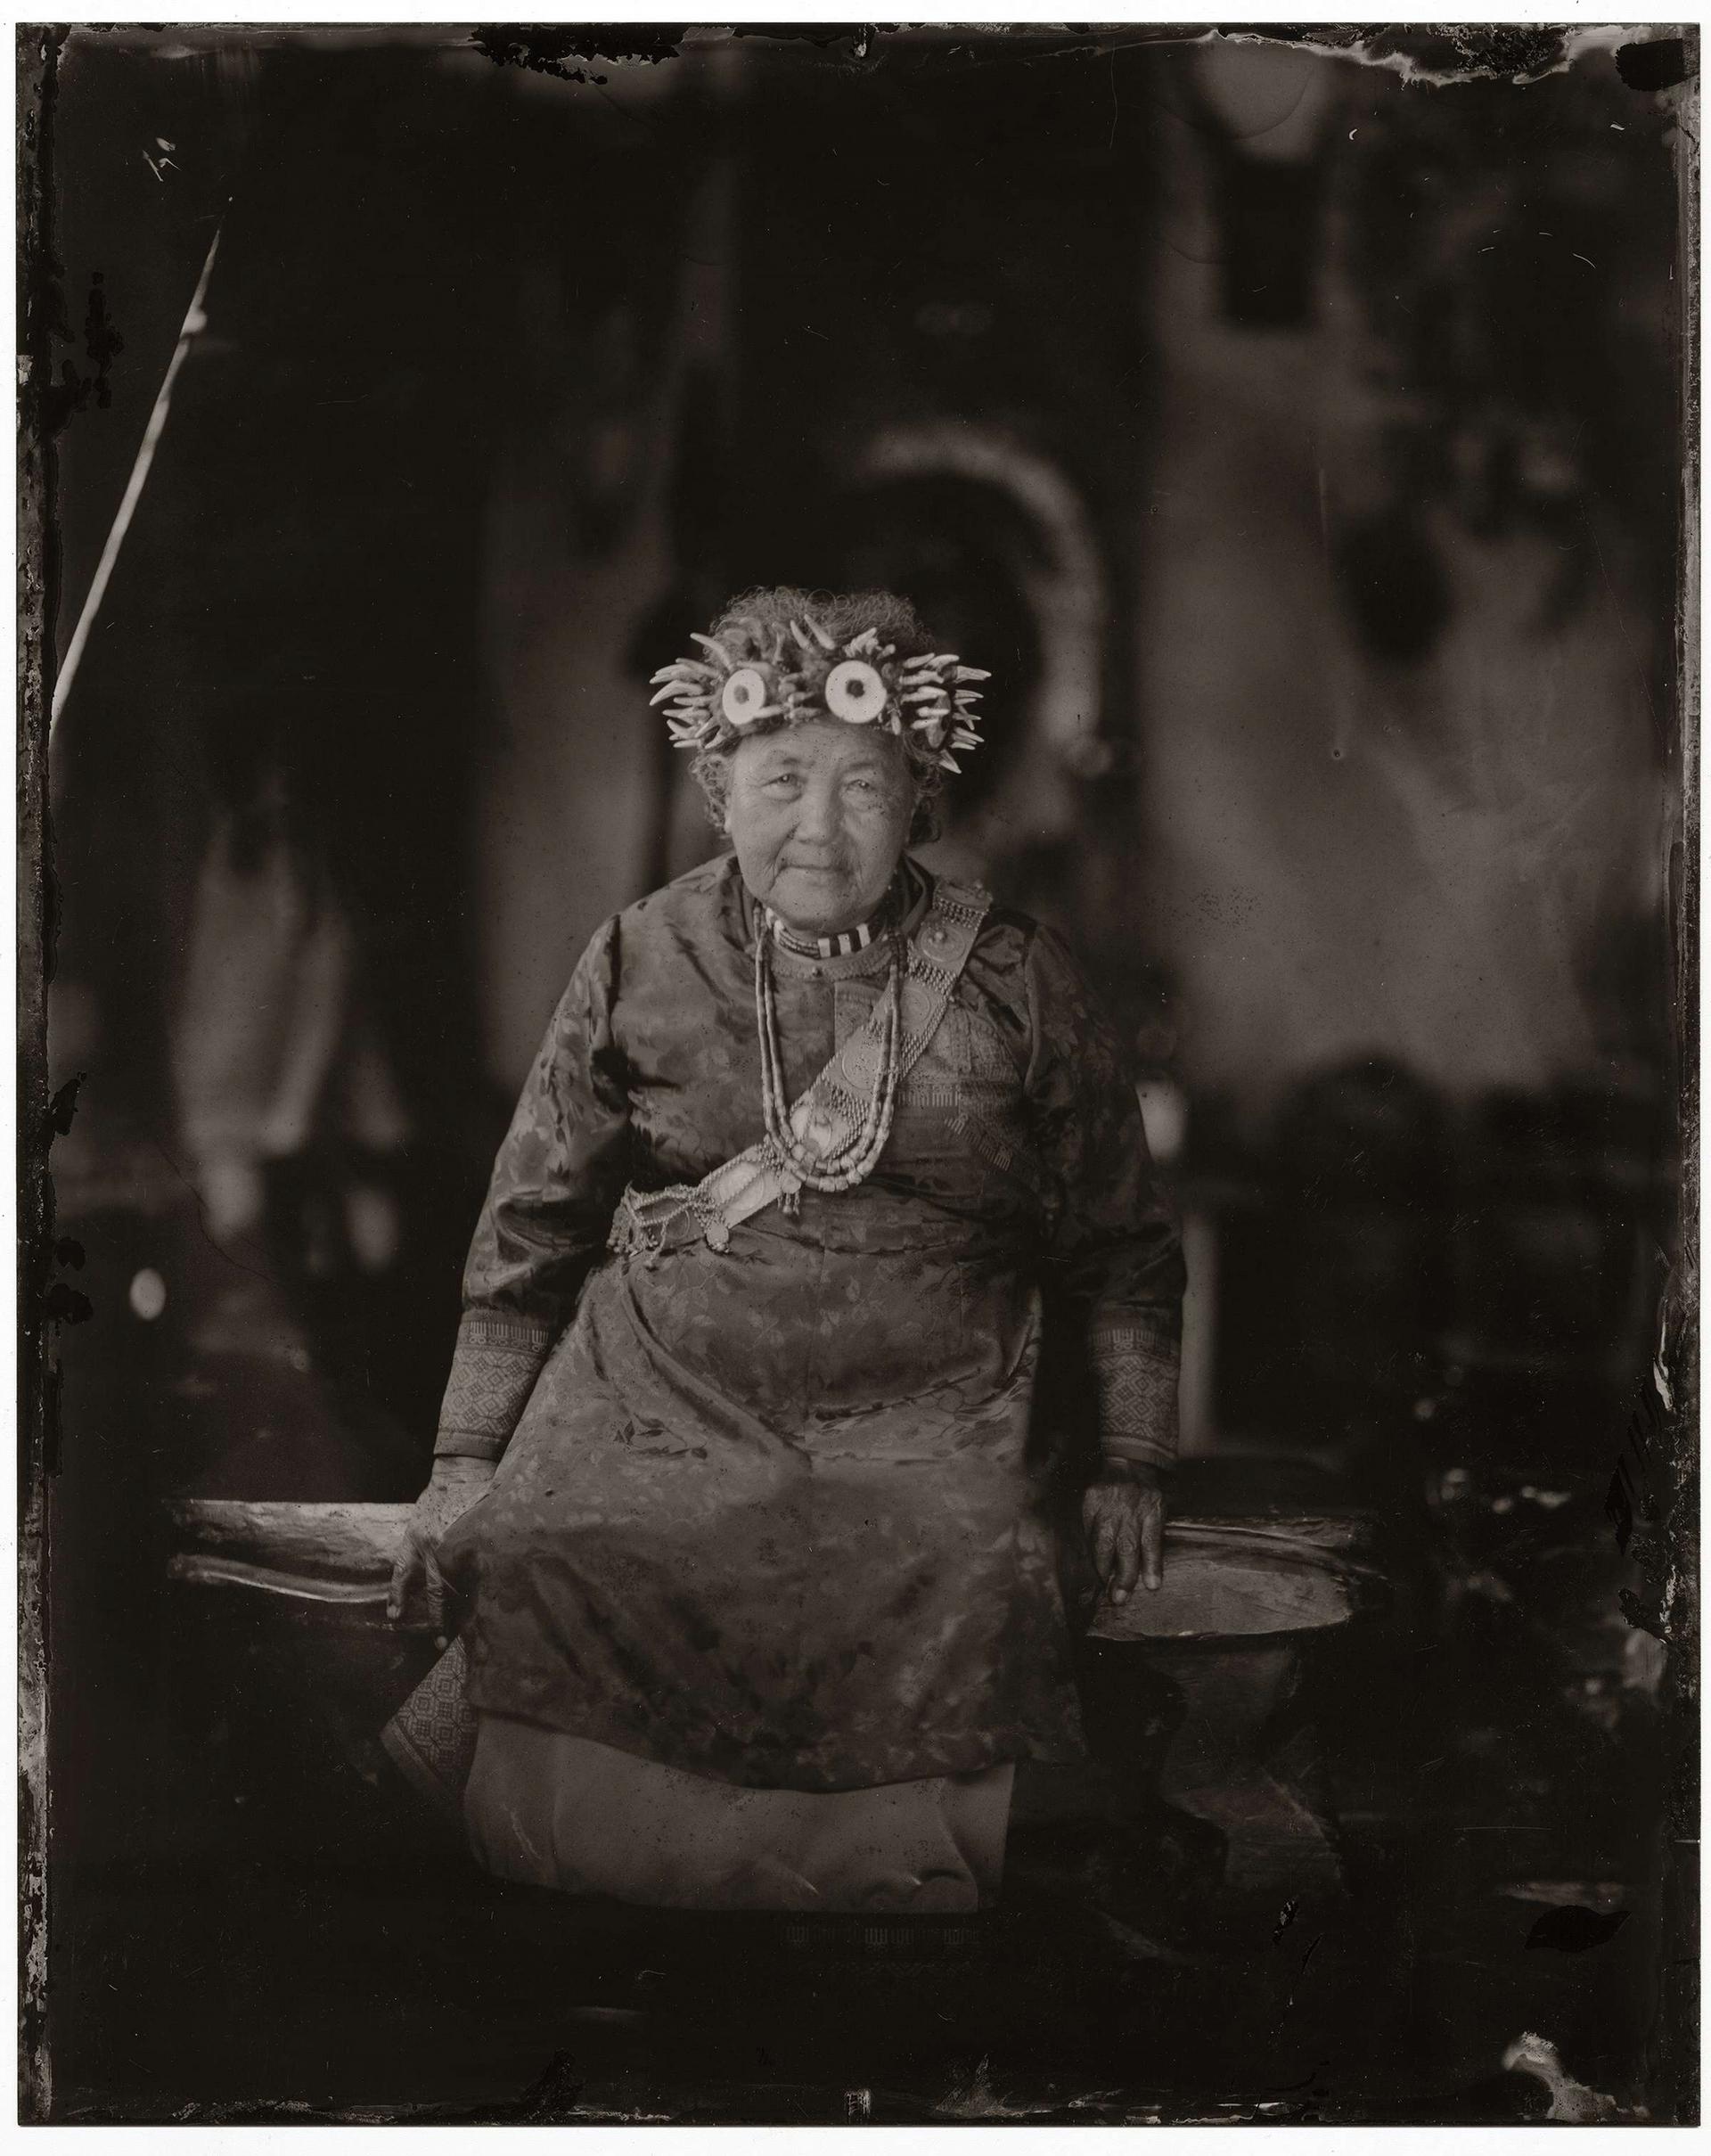 土坂部落最大家族包家的前頭目(mamazangiljan)包秀美,一向堅持傳統,帶領包家、古家與陳家三大家族進行各項祭儀。她於去年5月因病過世。攝影:何經泰